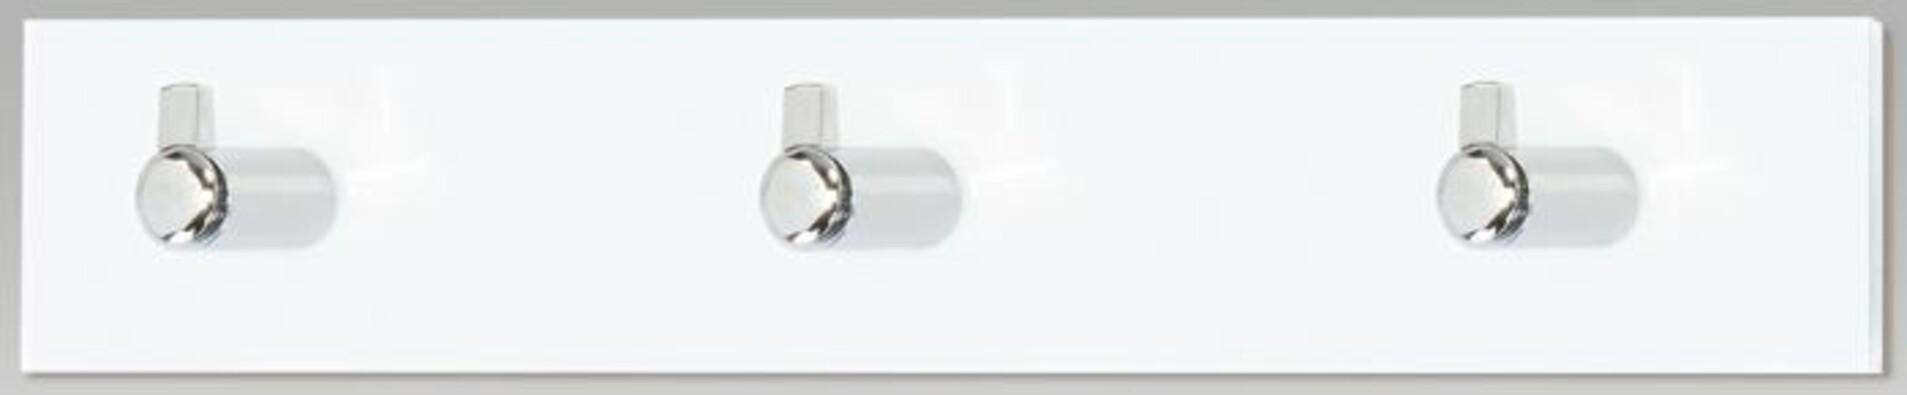 Nástenný vešiak 3 háčiky, biely akrylát